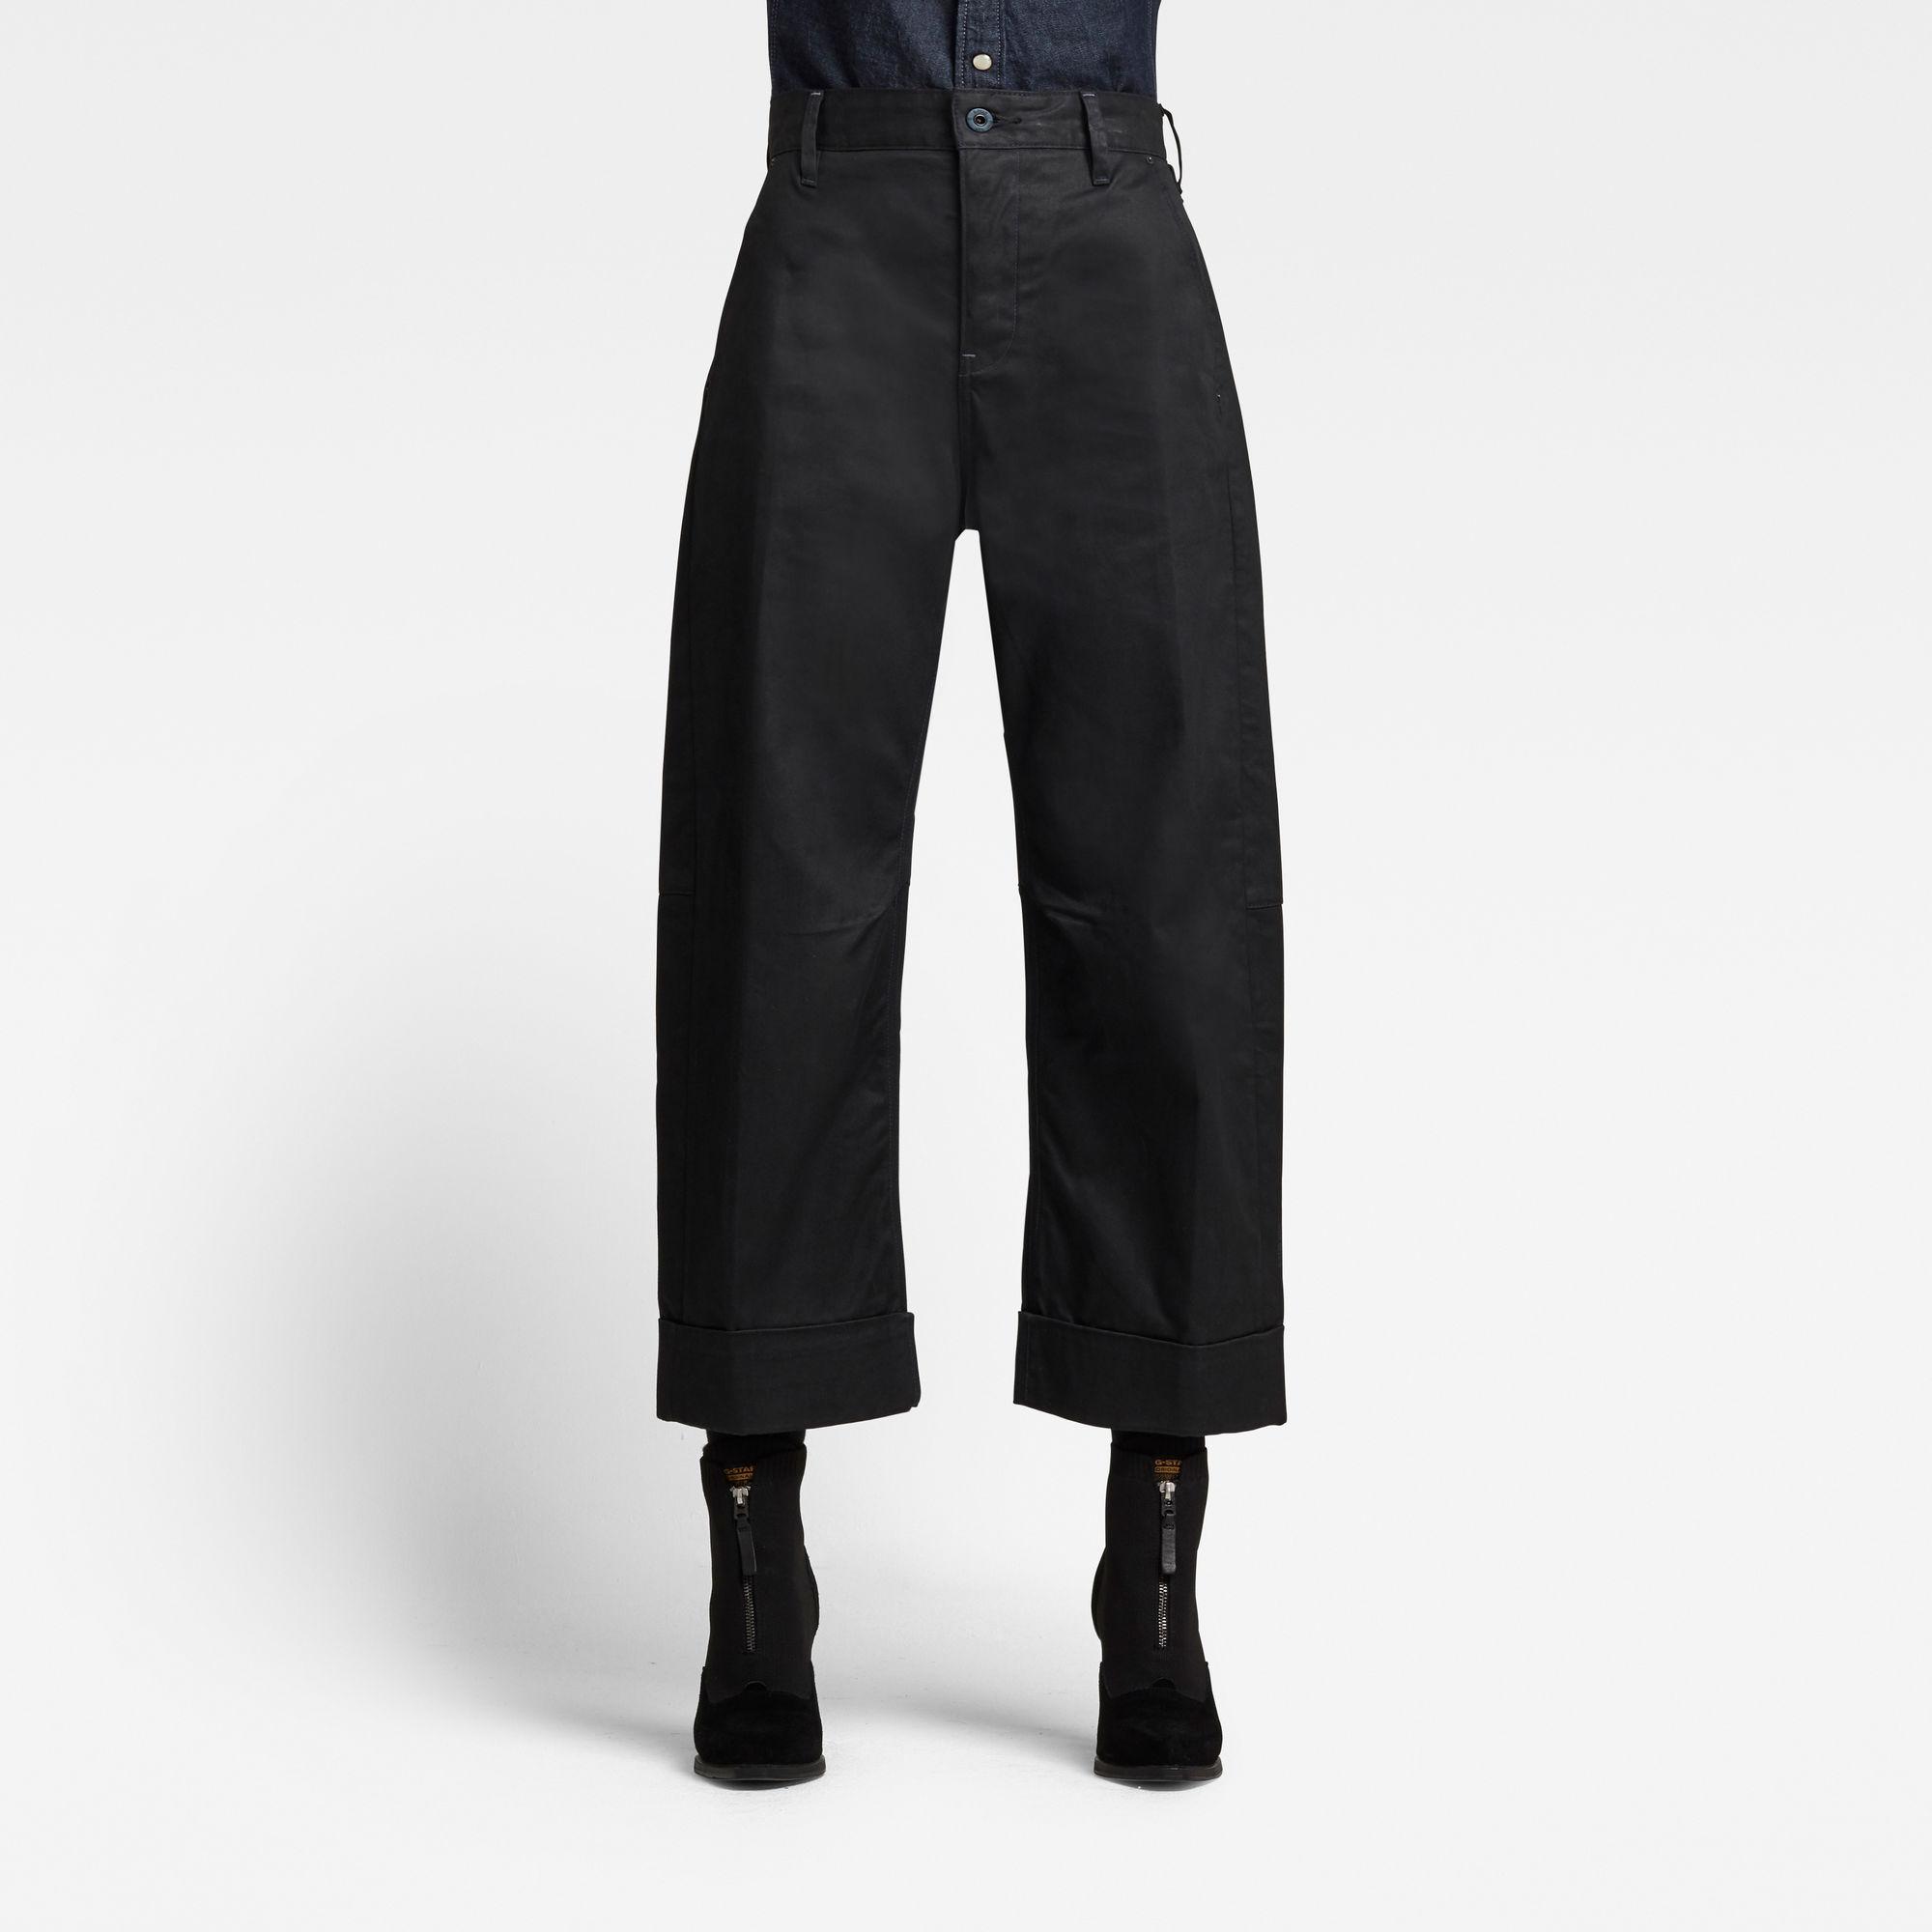 G-Star RAW Dames GSRR Eve 3D Mid Wide leg Jeans Zwart